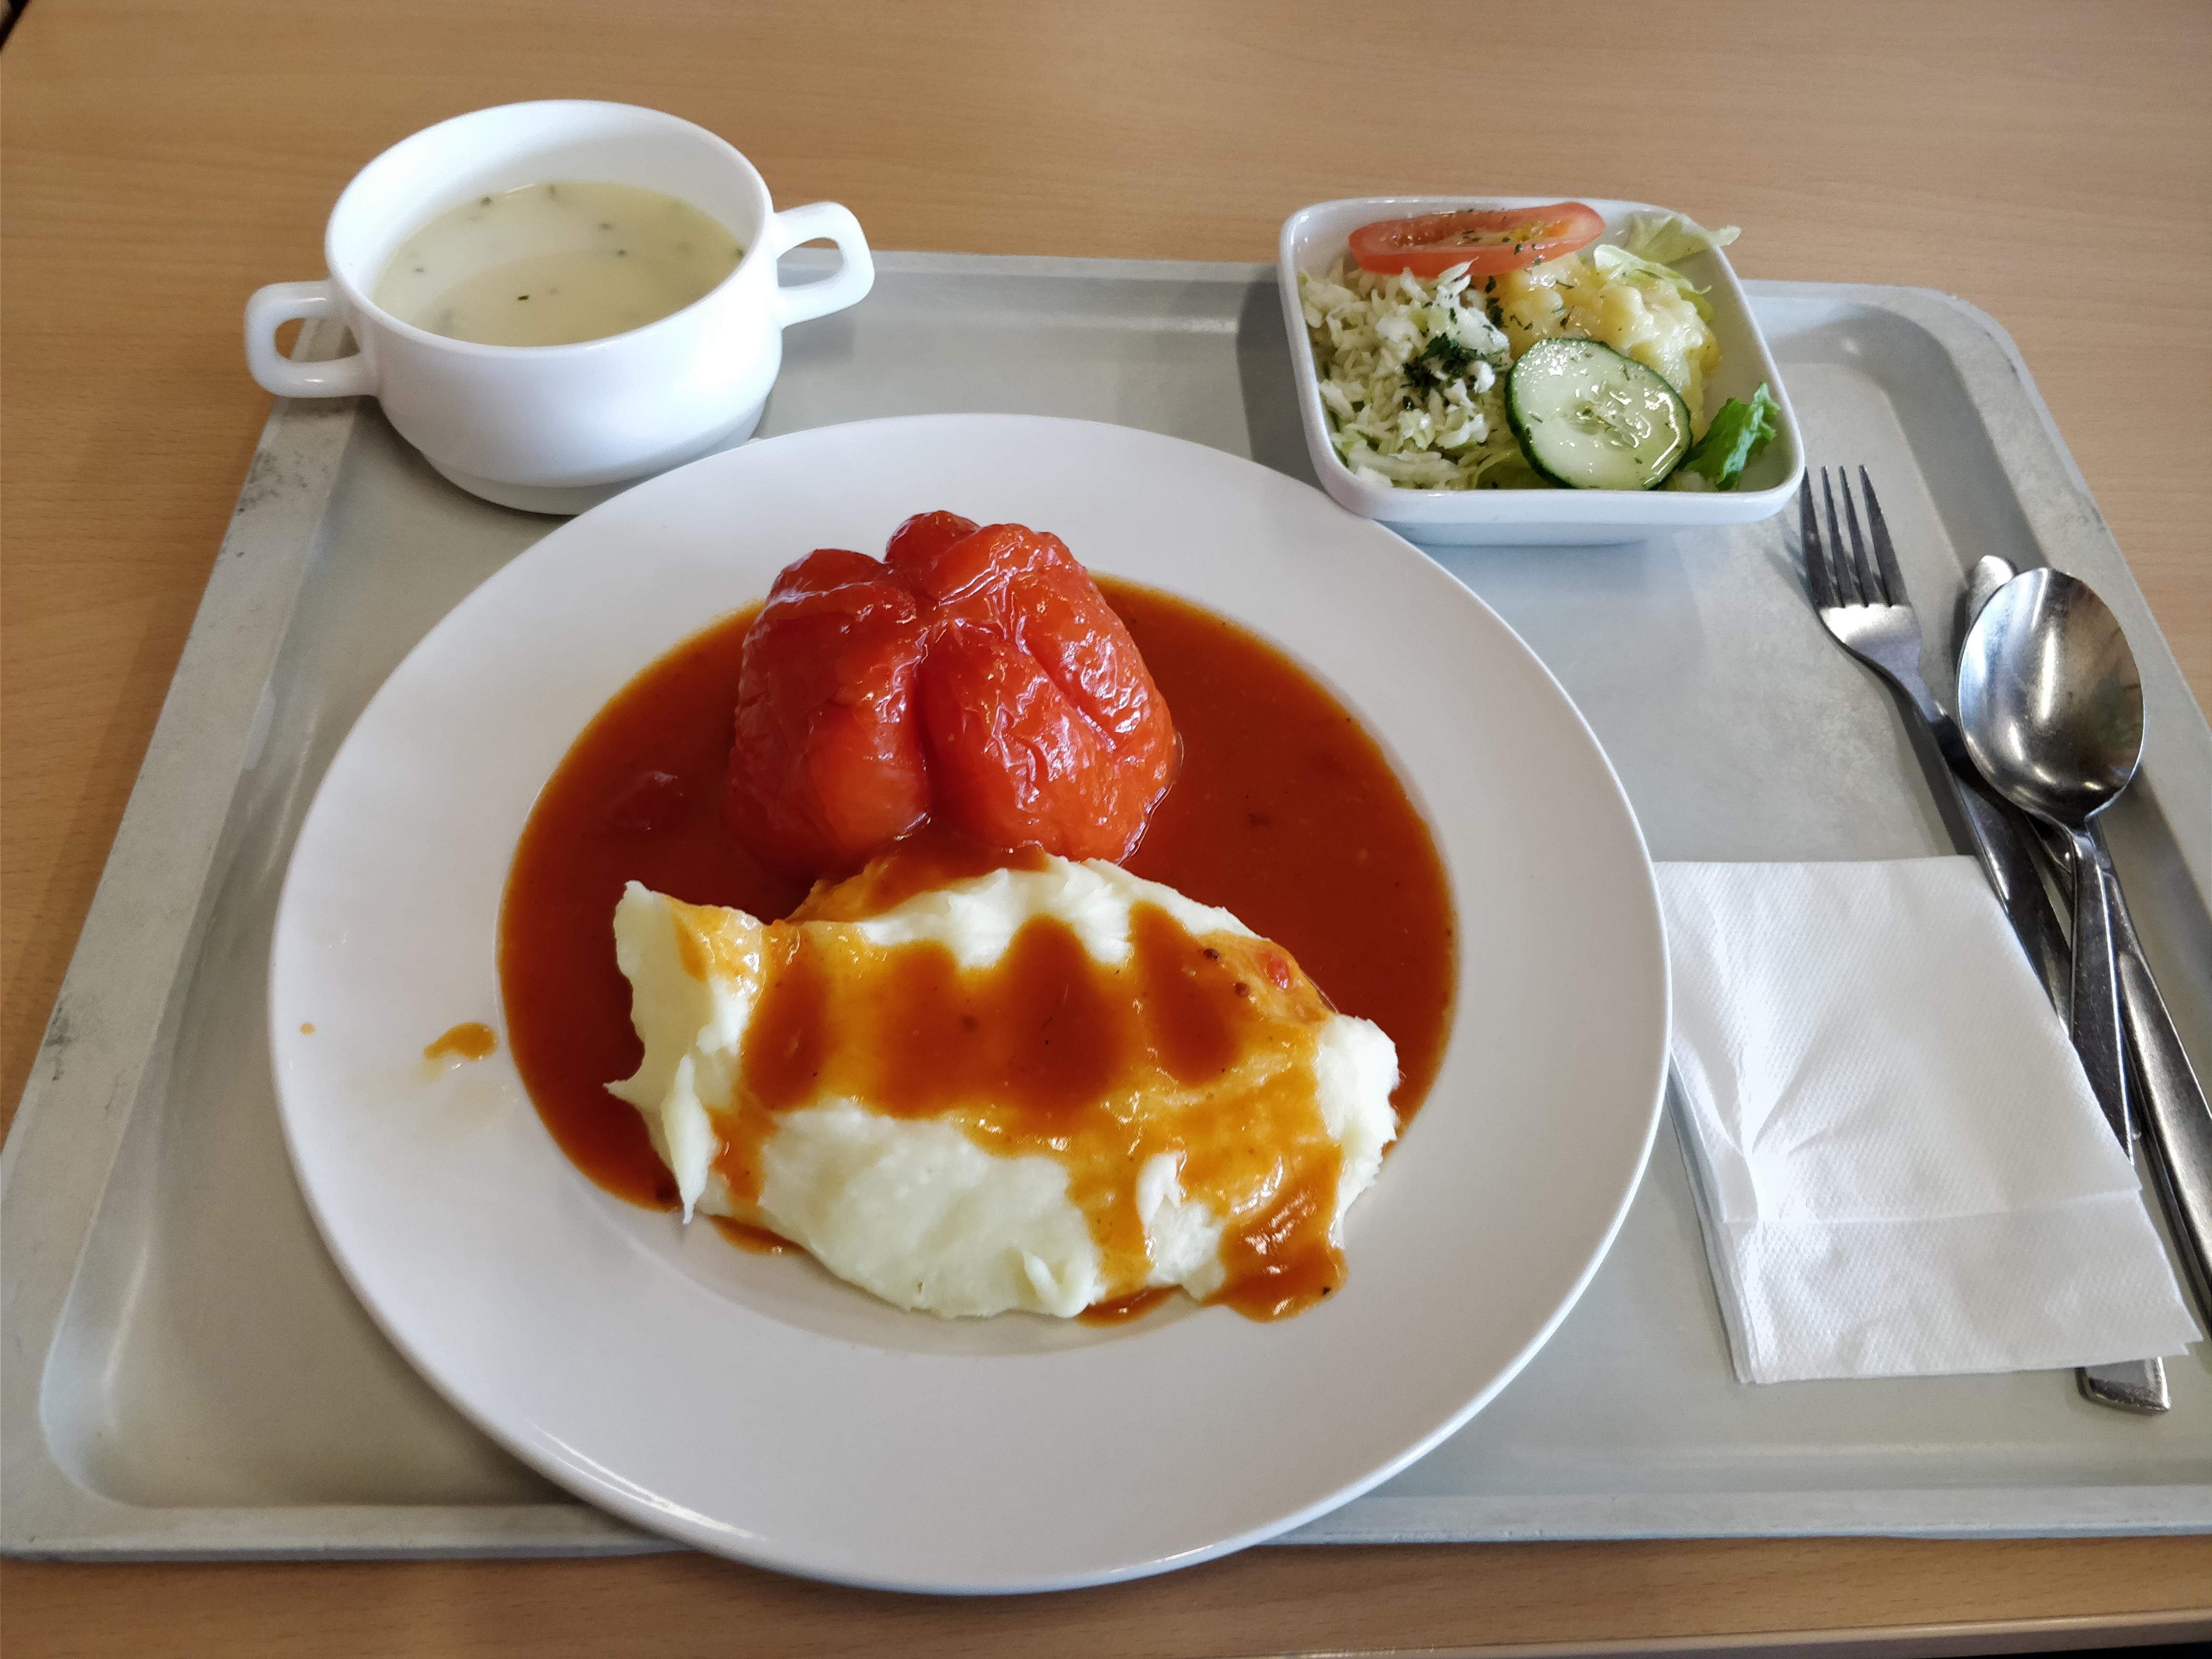 http://foodloader.net/nico_2017-09-27_gefuellte-paprika-mit-kartoffelpuree-suppe-und-salat.jpg